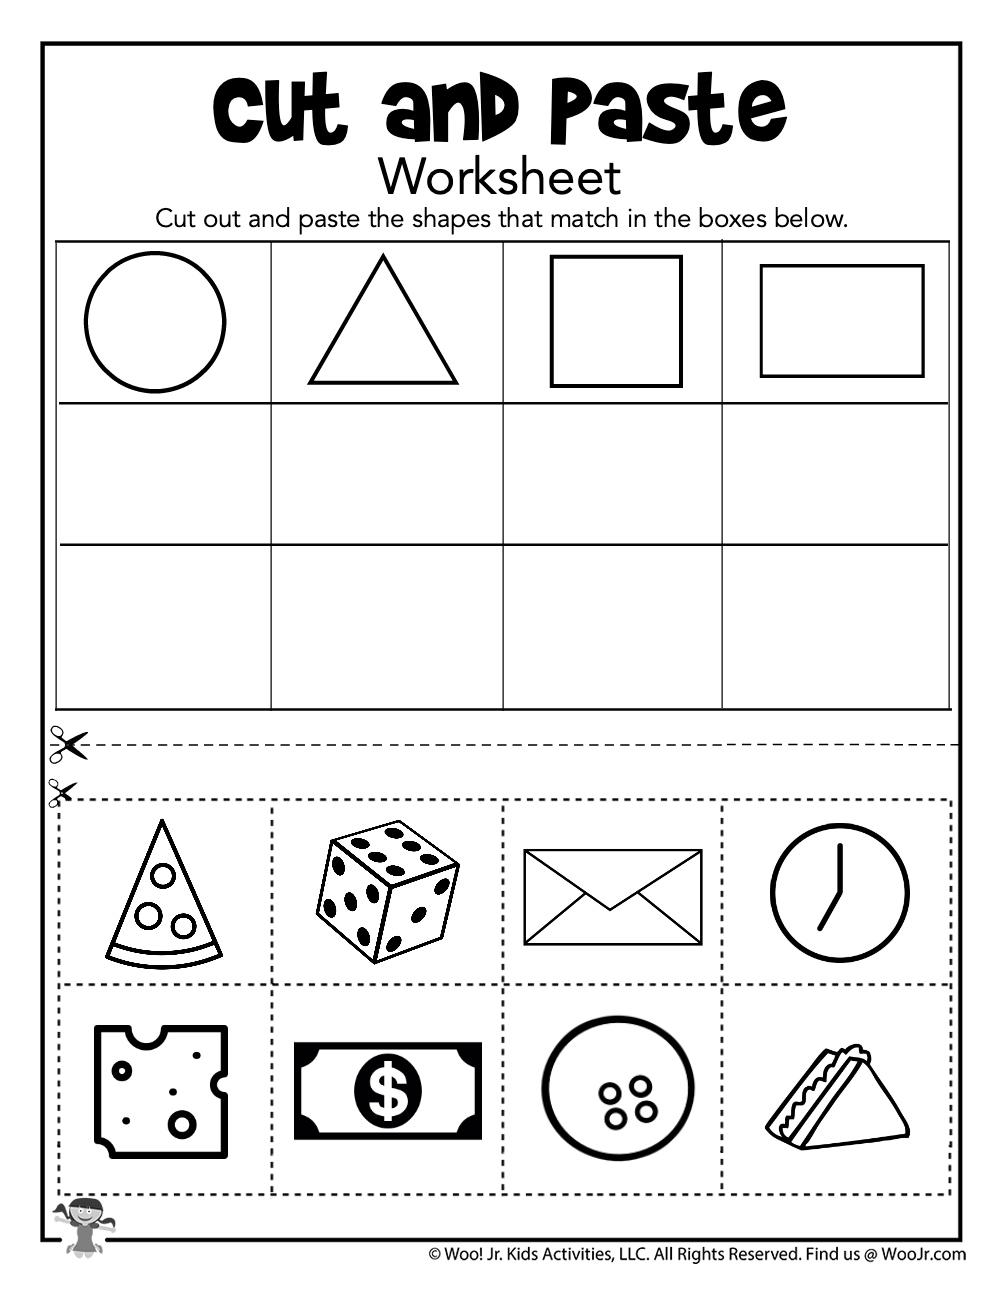 Cut and Paste Shape Sorting Worksheet | Woo! Jr. Kids ...